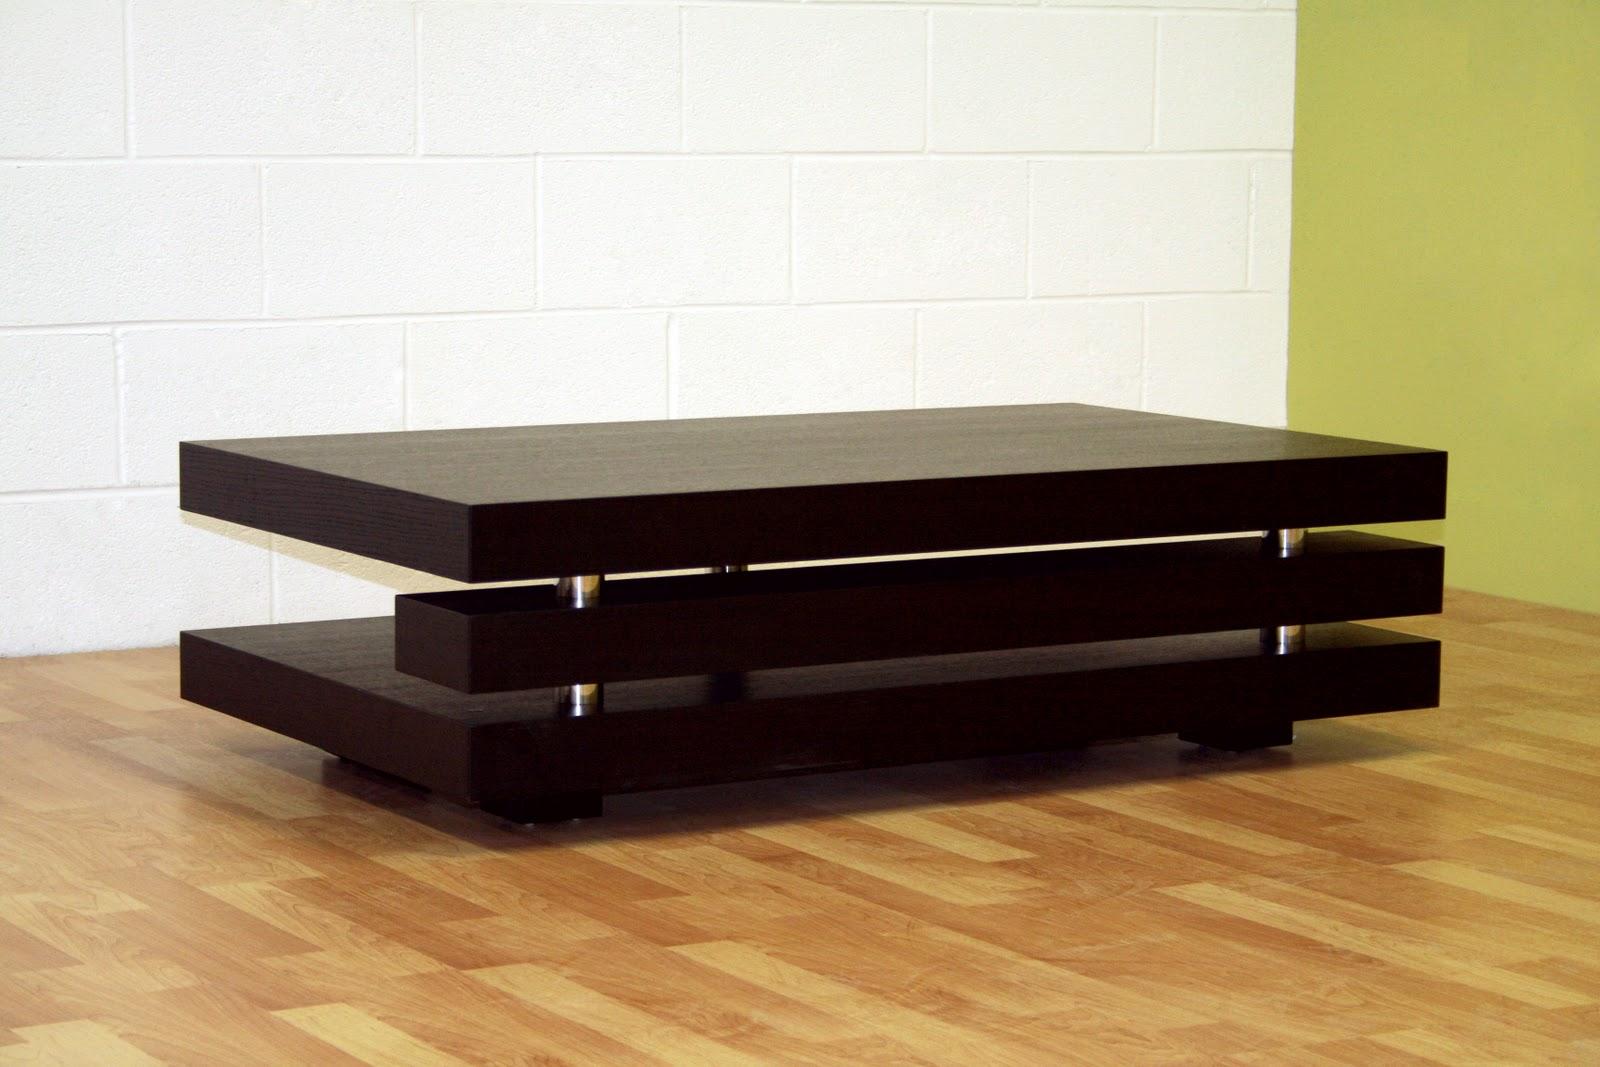 Multinotas mesas de centro dise os modernos for Mesa moderna